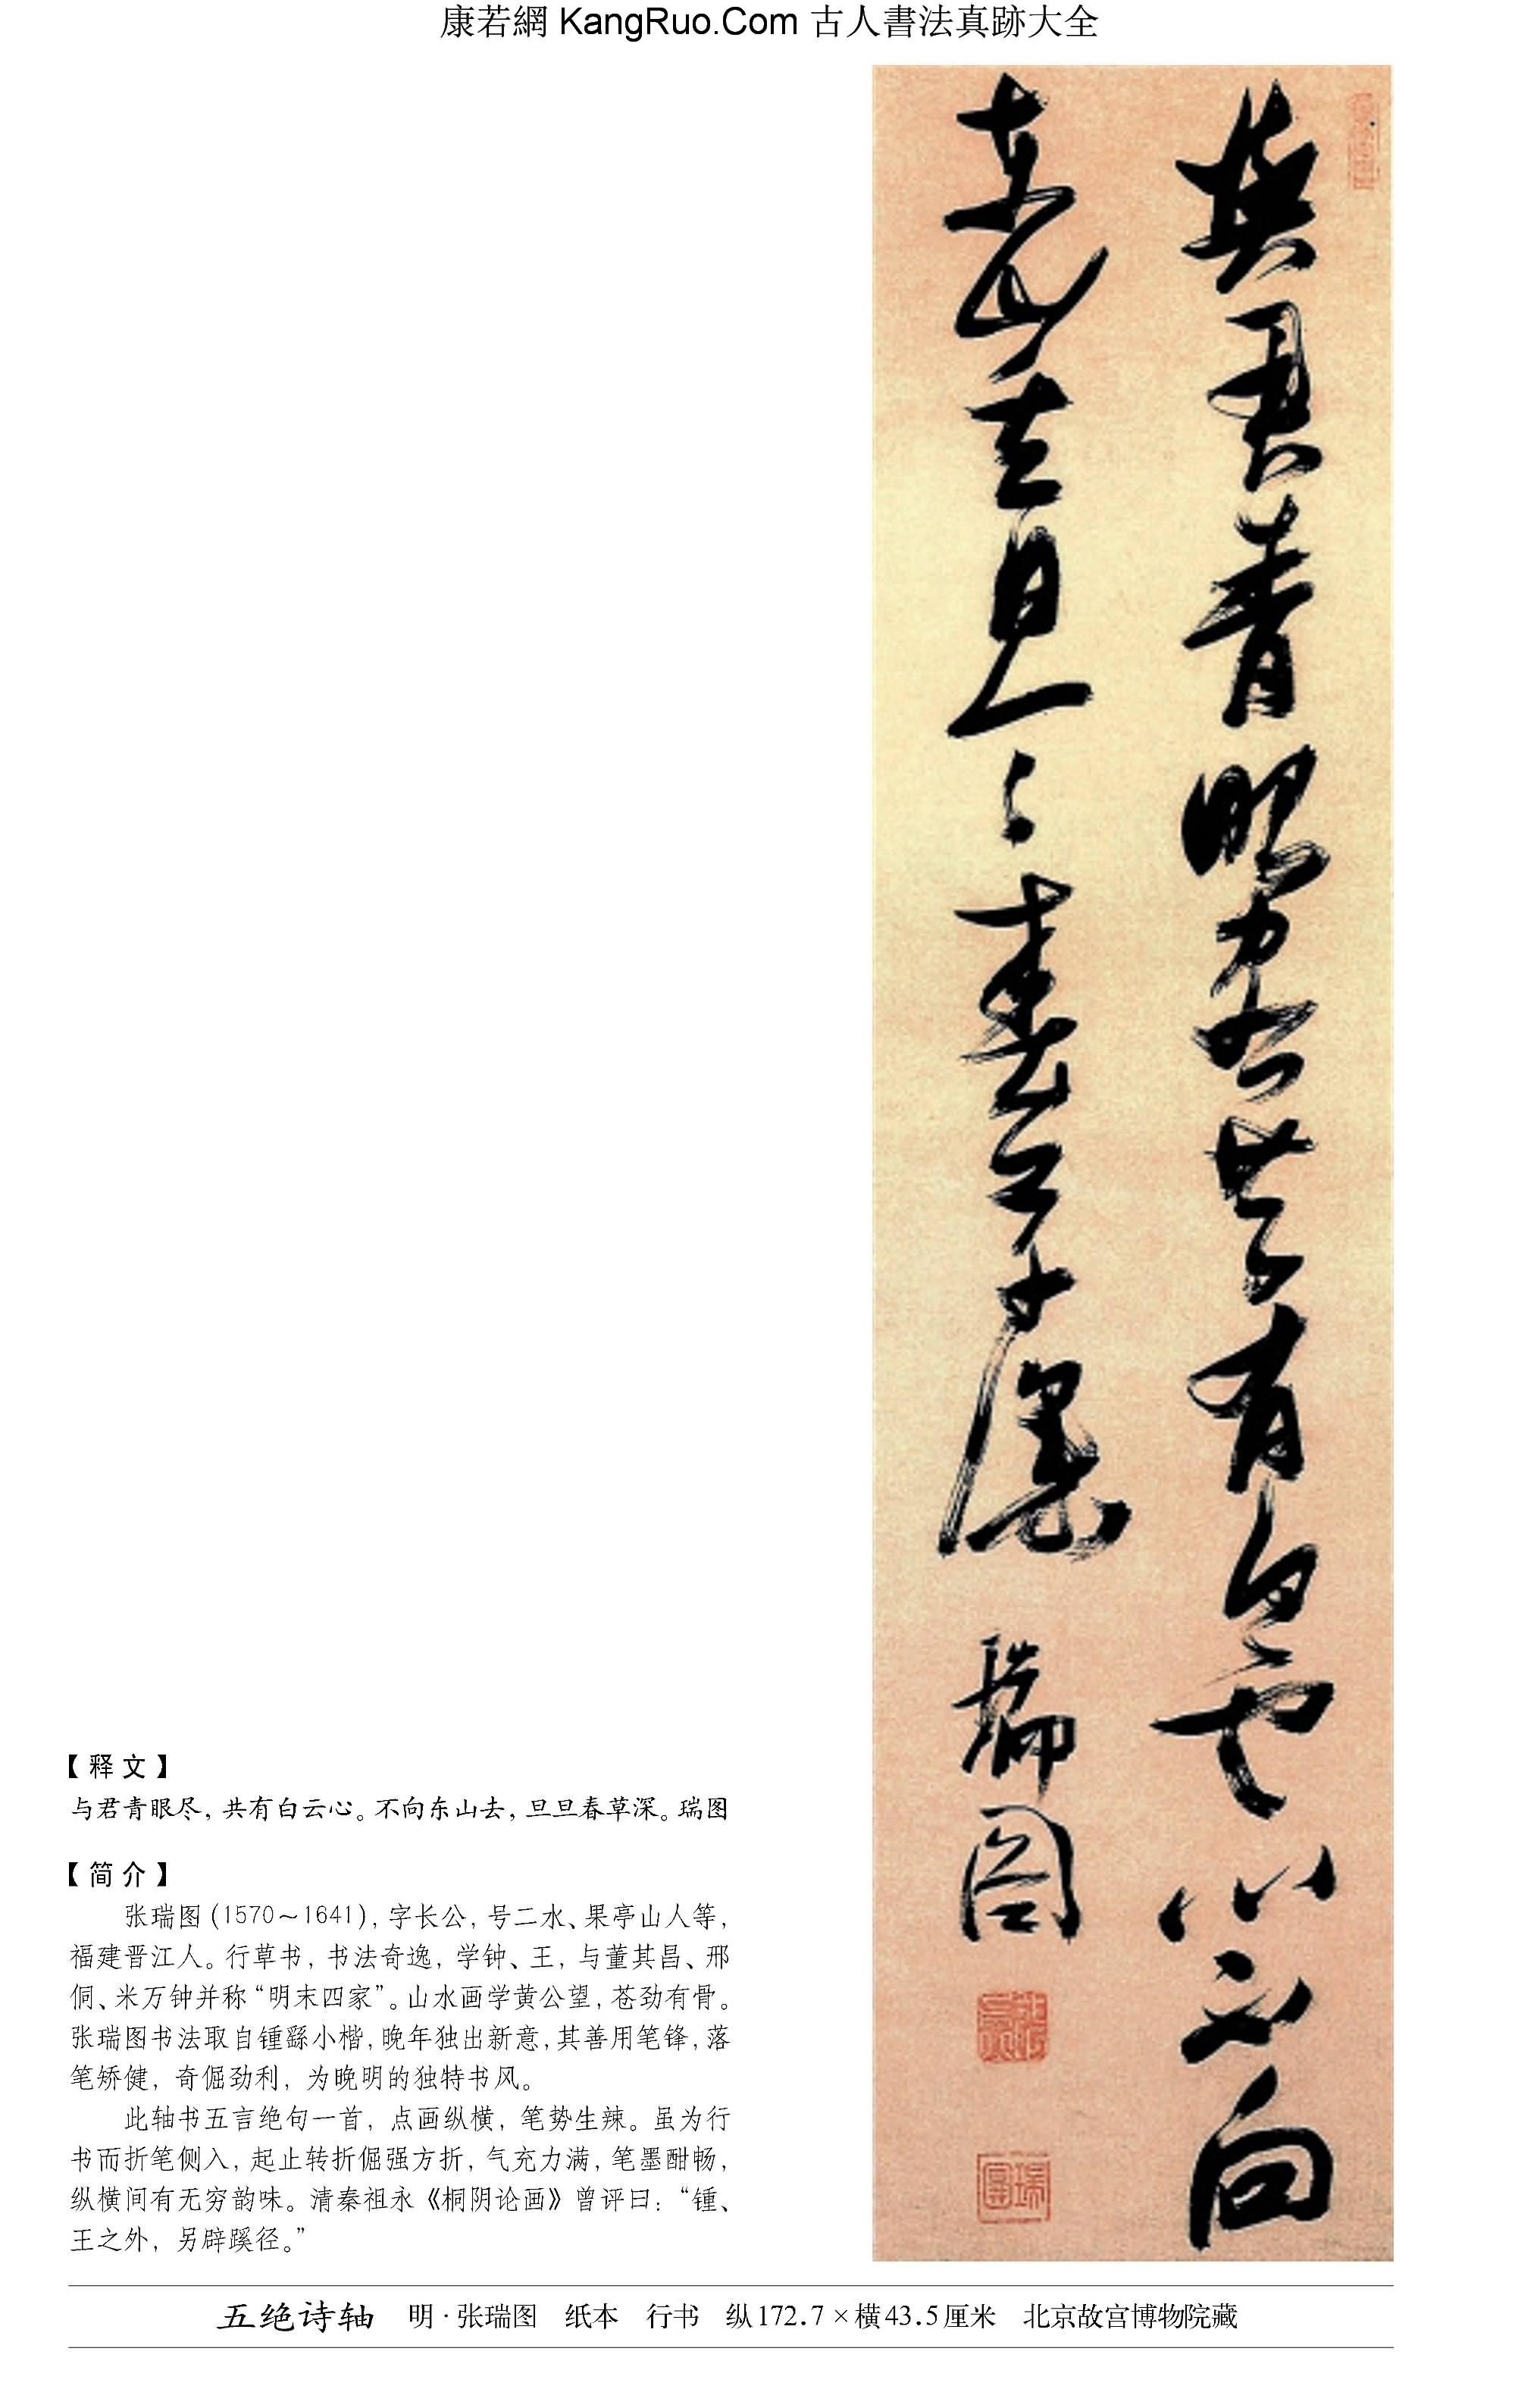 《五絕詩軸》書法真跡(行書)【明朝·張瑞圖】_00202